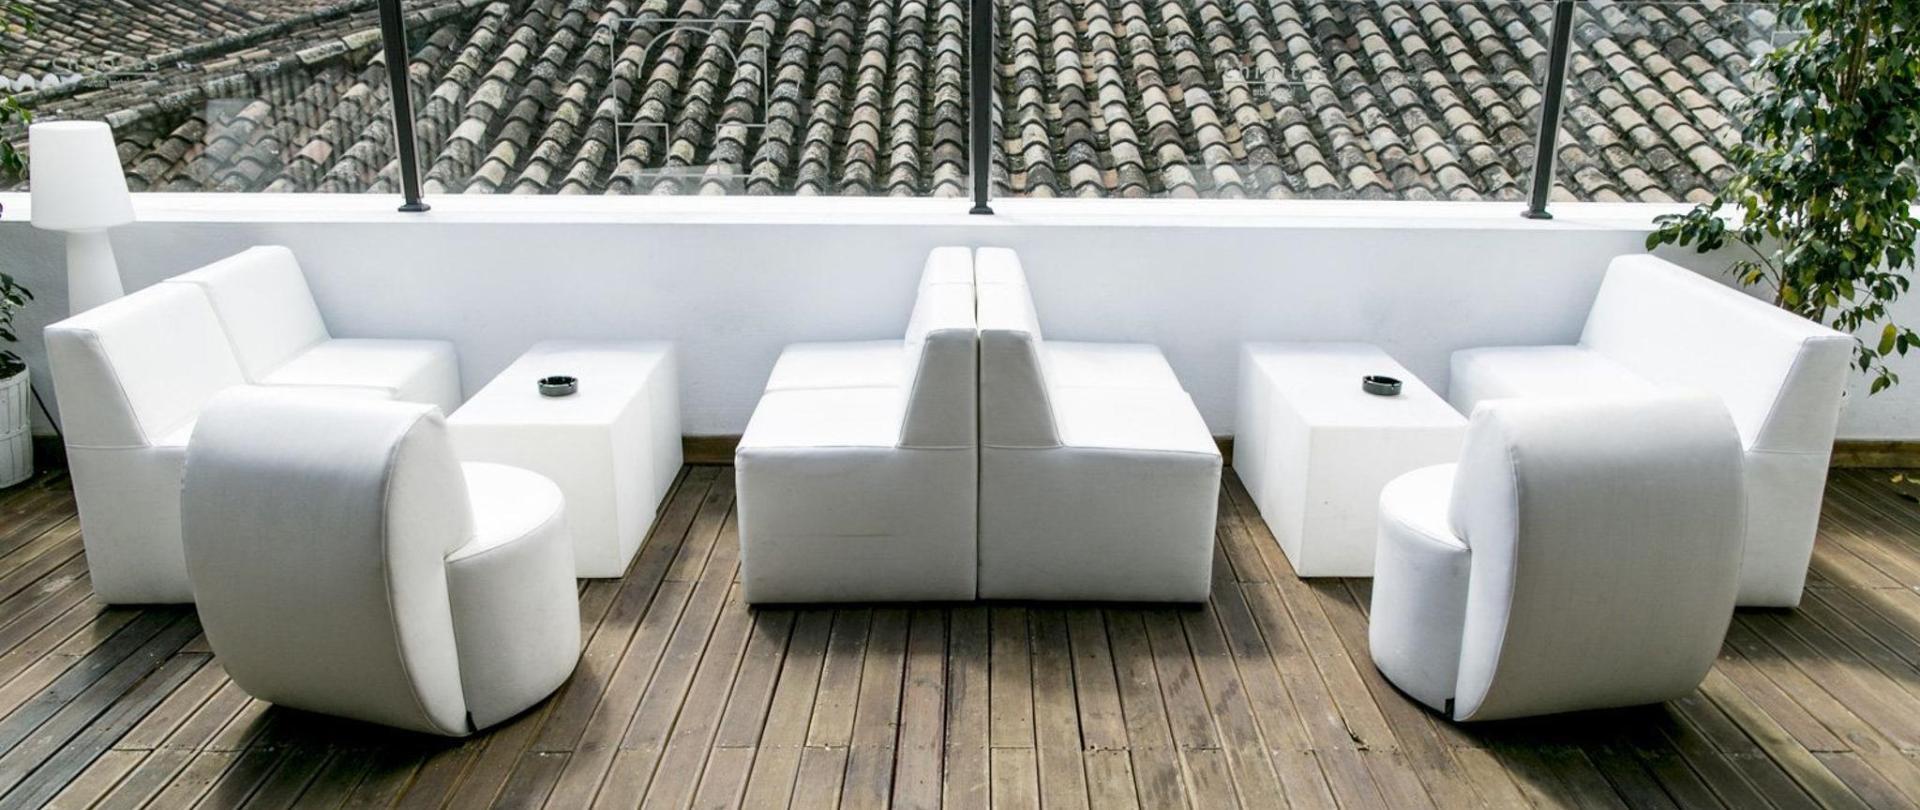 detalle-terraza.jpg